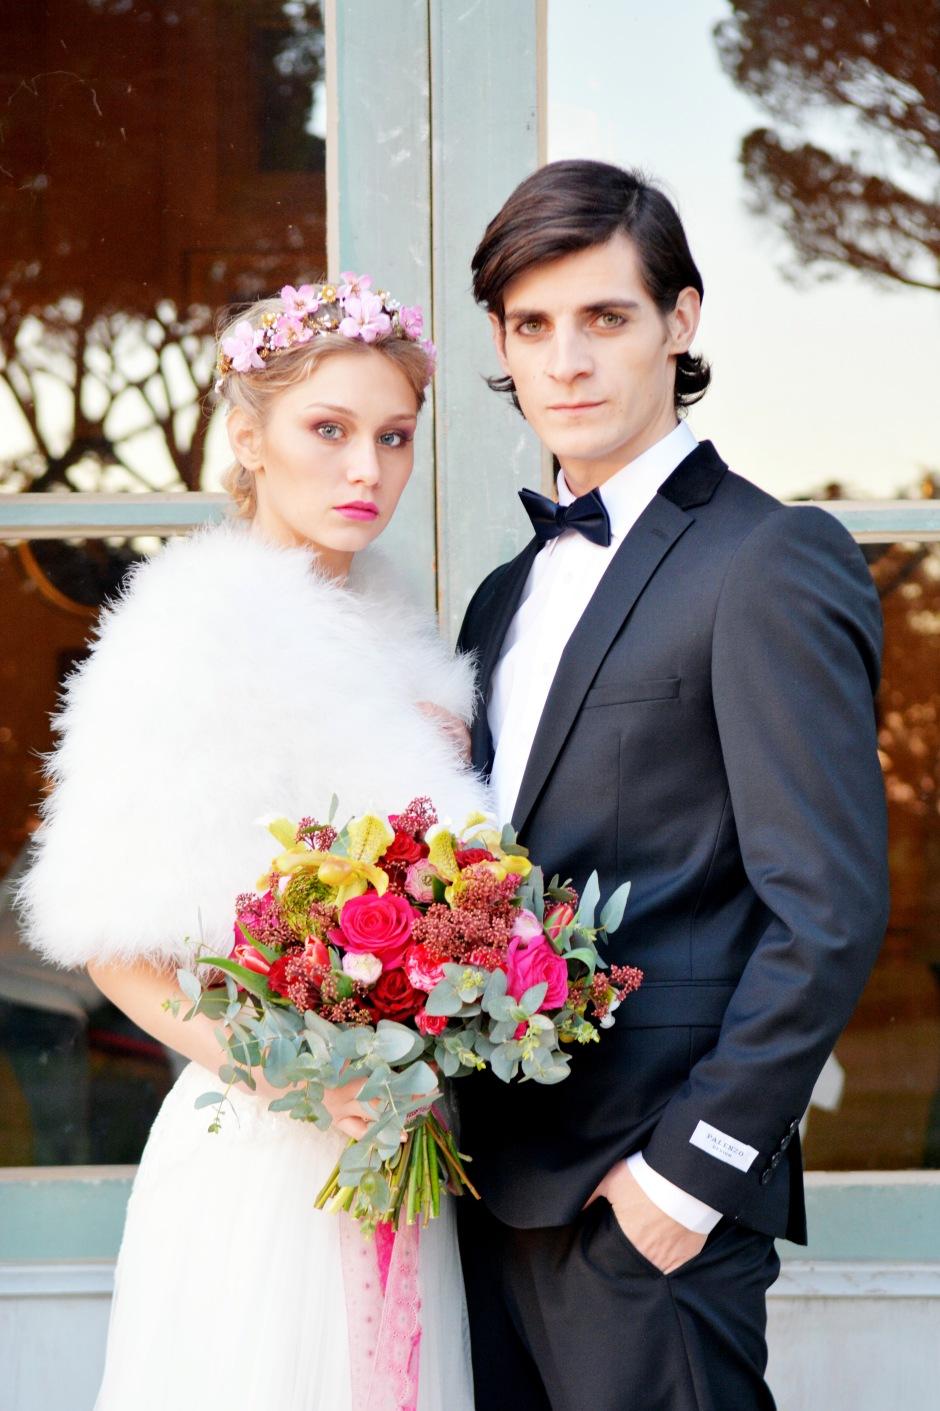 mariage-fiancailles-st-valentin-chateau-de-la-mogere-74